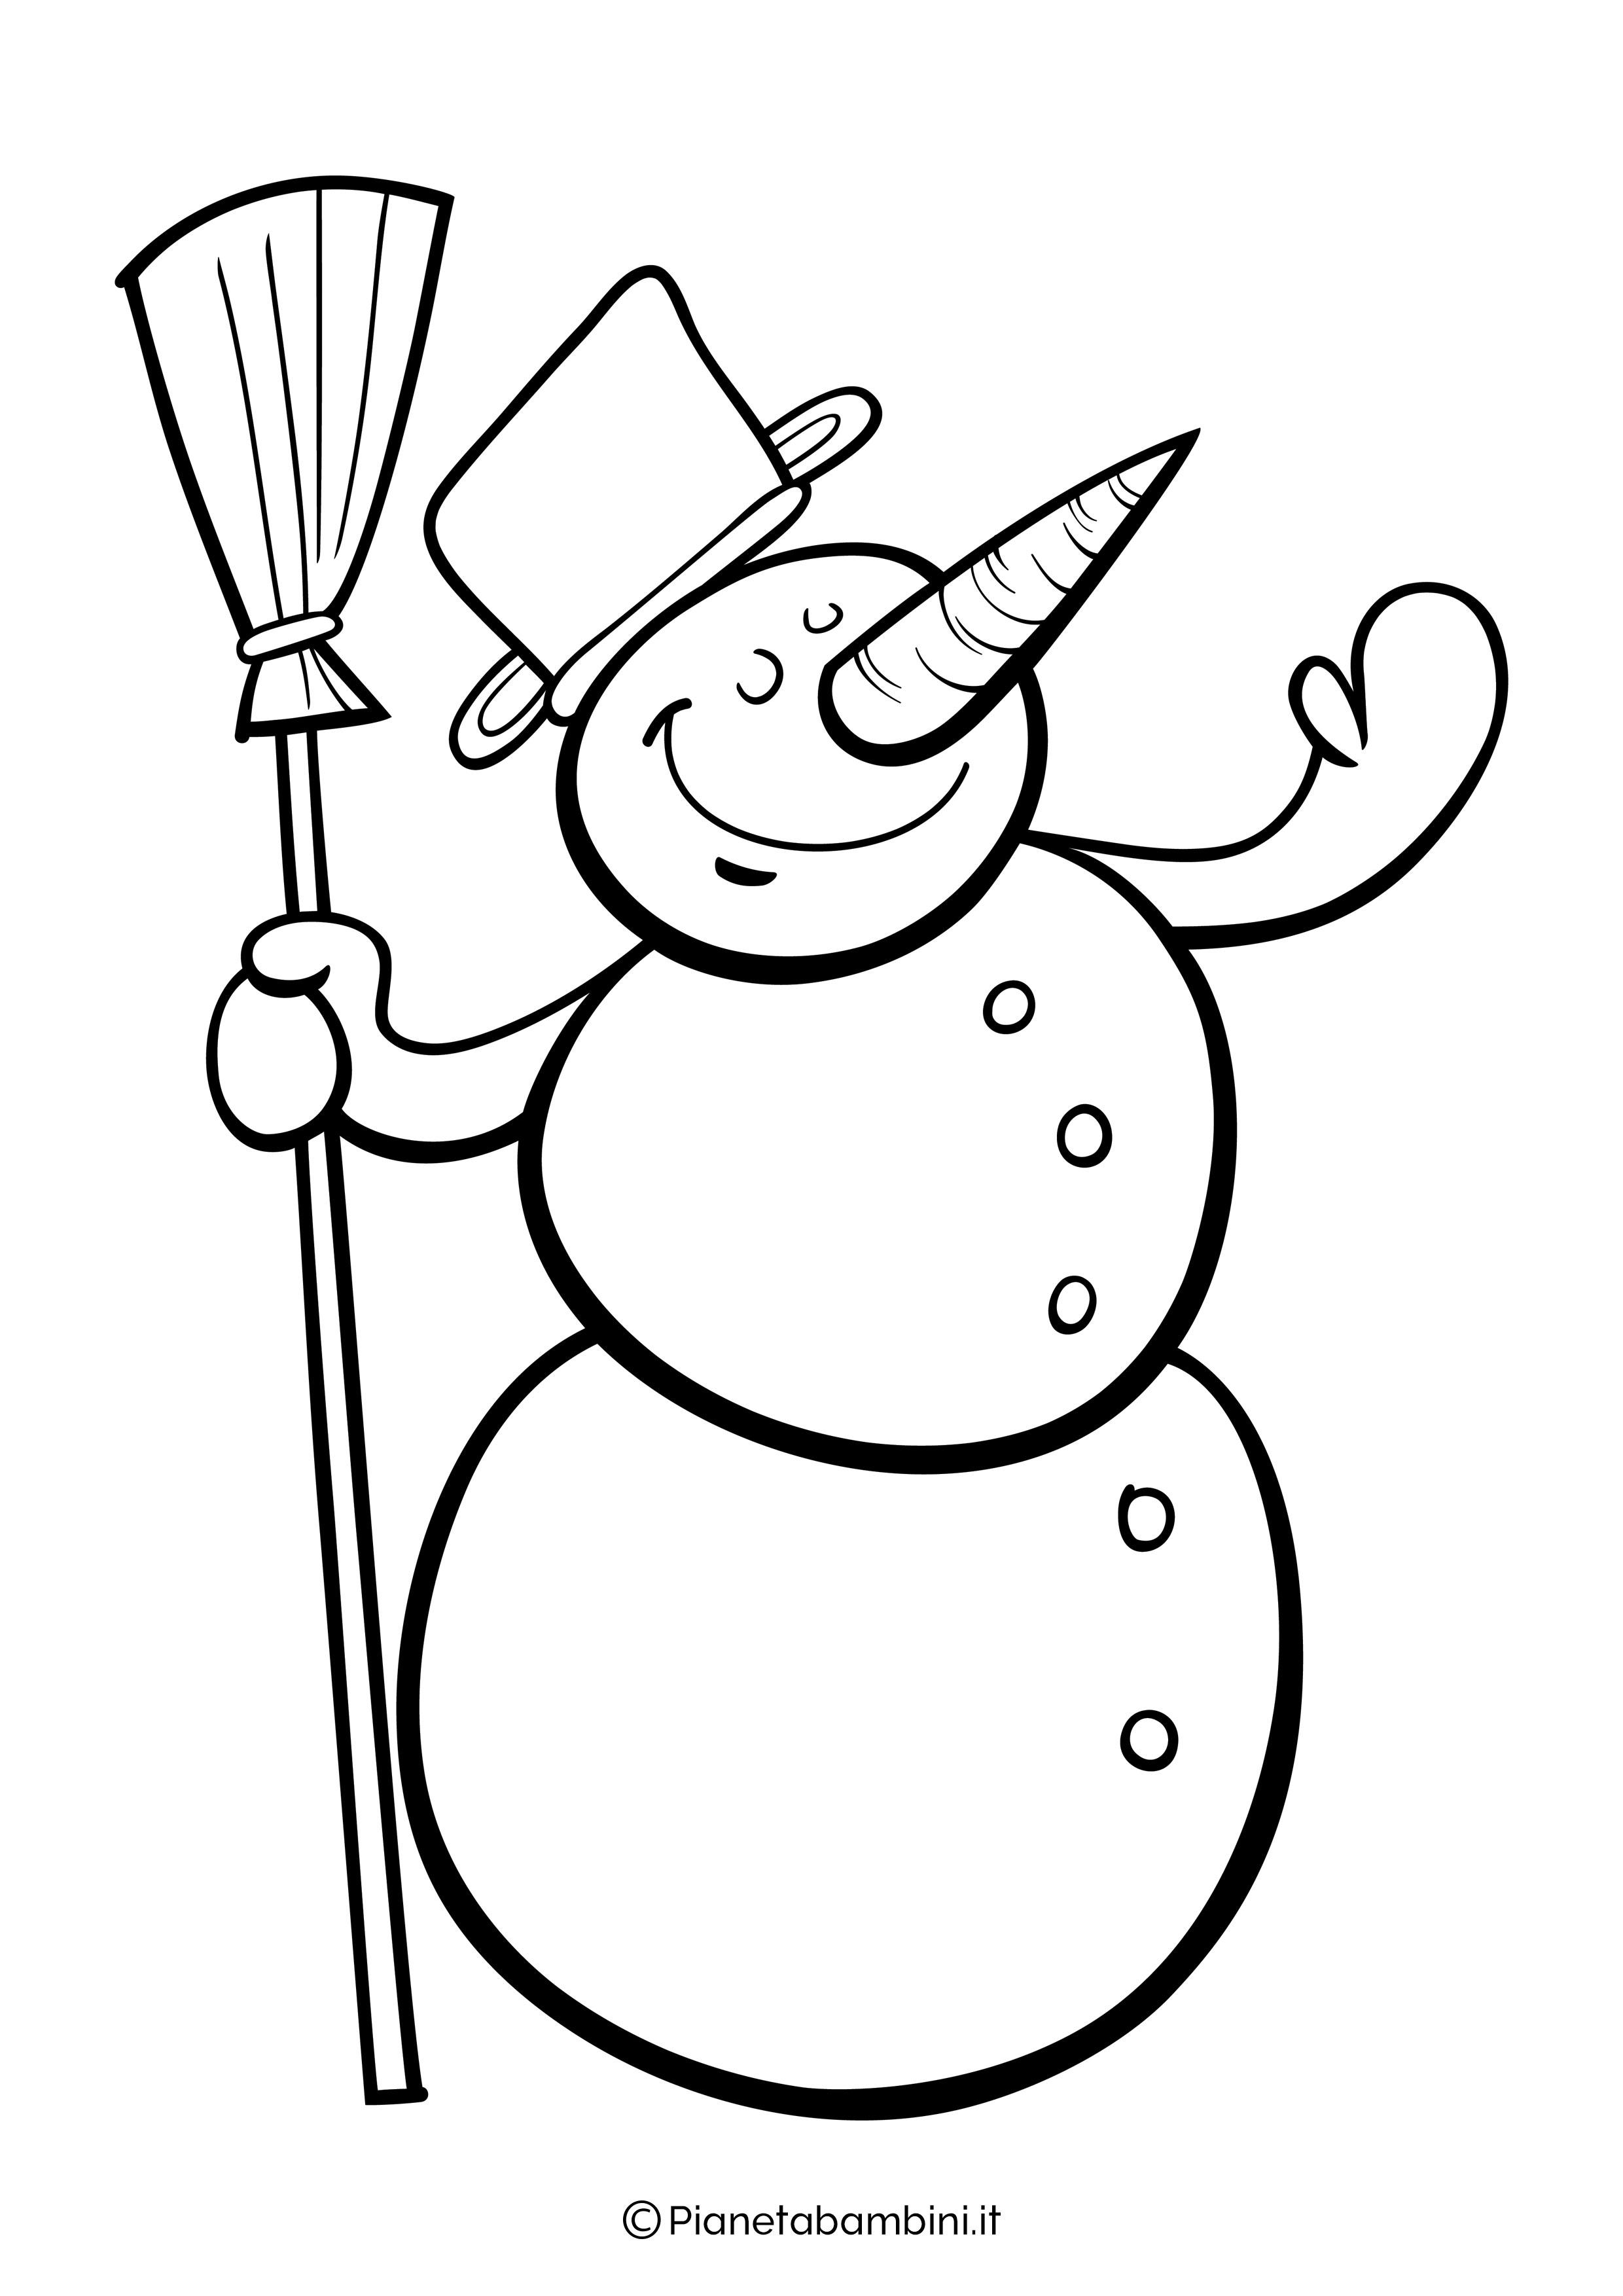 Disegno pupazzo di neve da colorare 13